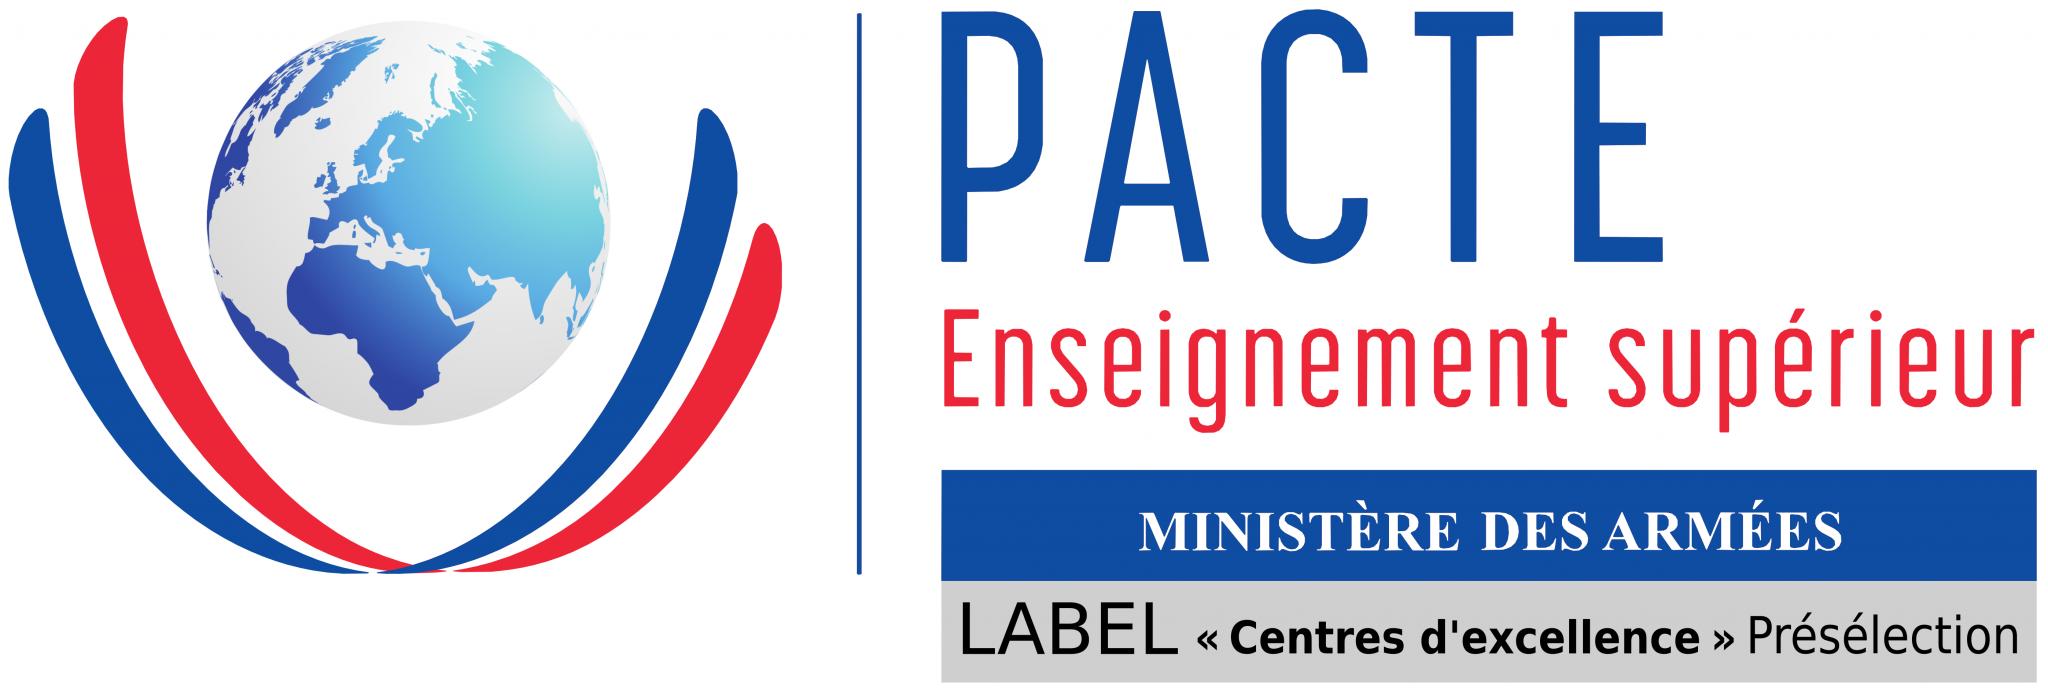 Logo de la PACTE Enseignement supérieur